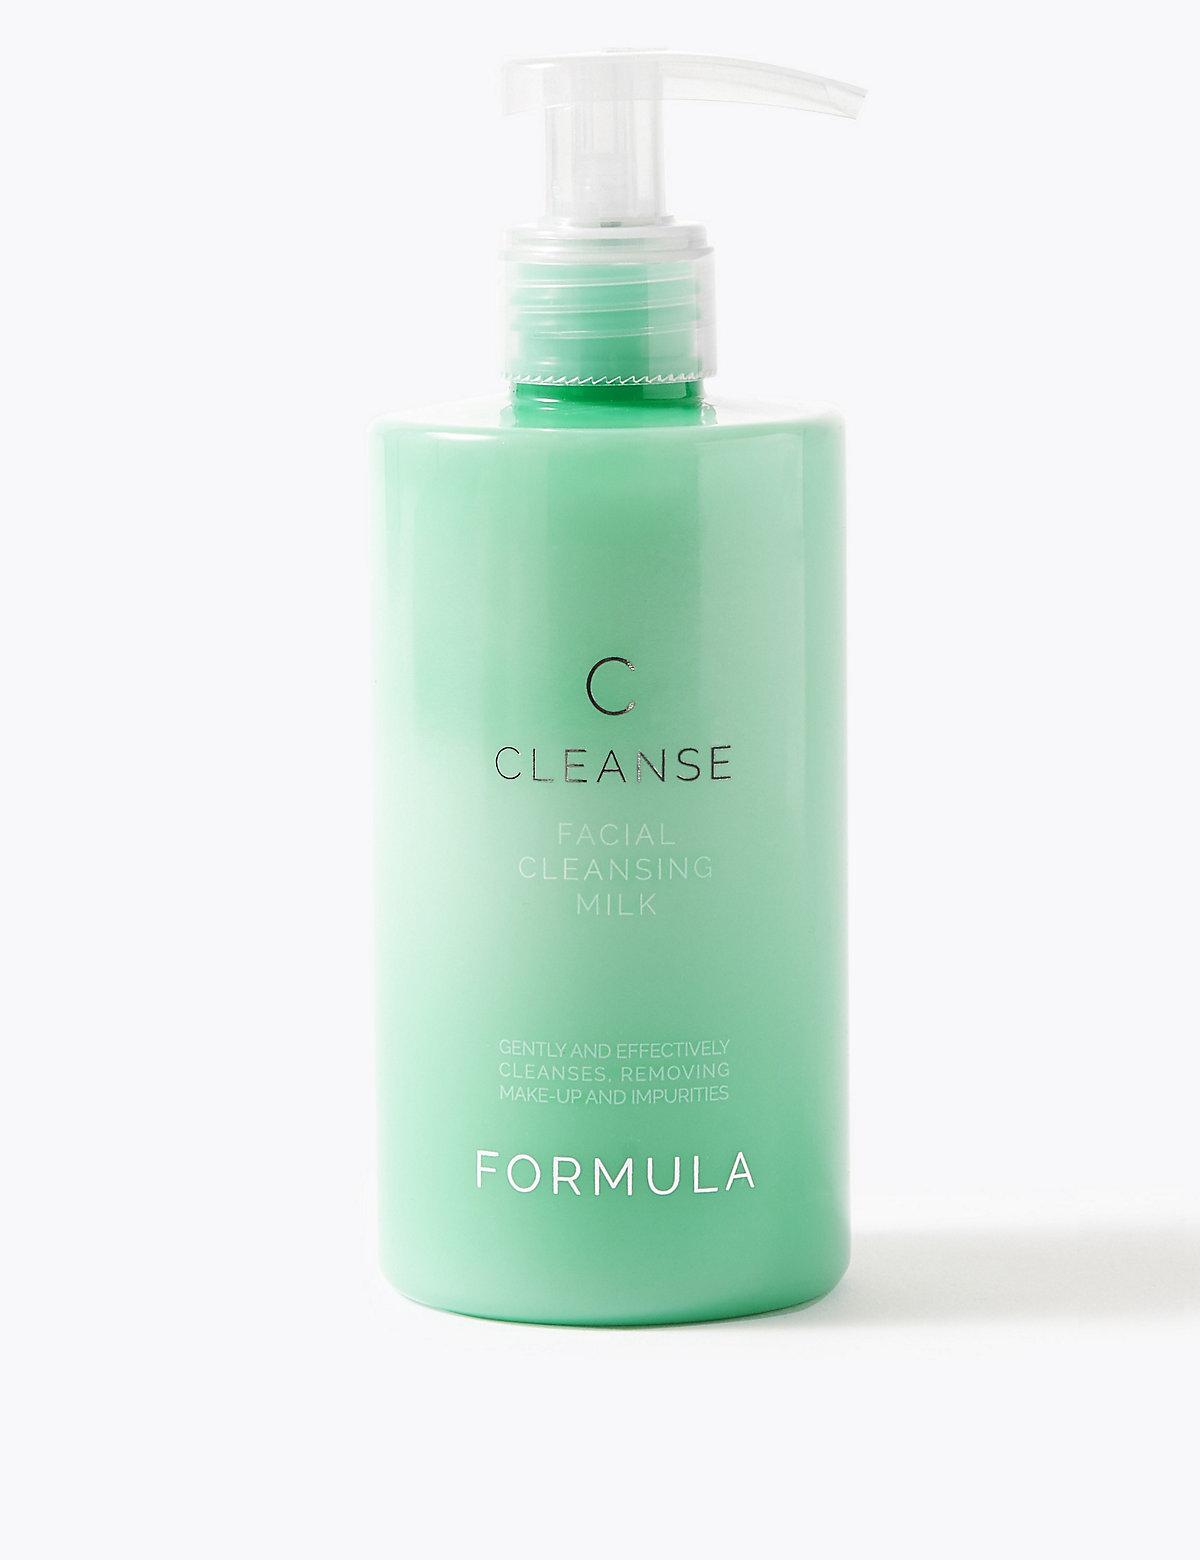 Formula Facial Cleansing Milk 250ml